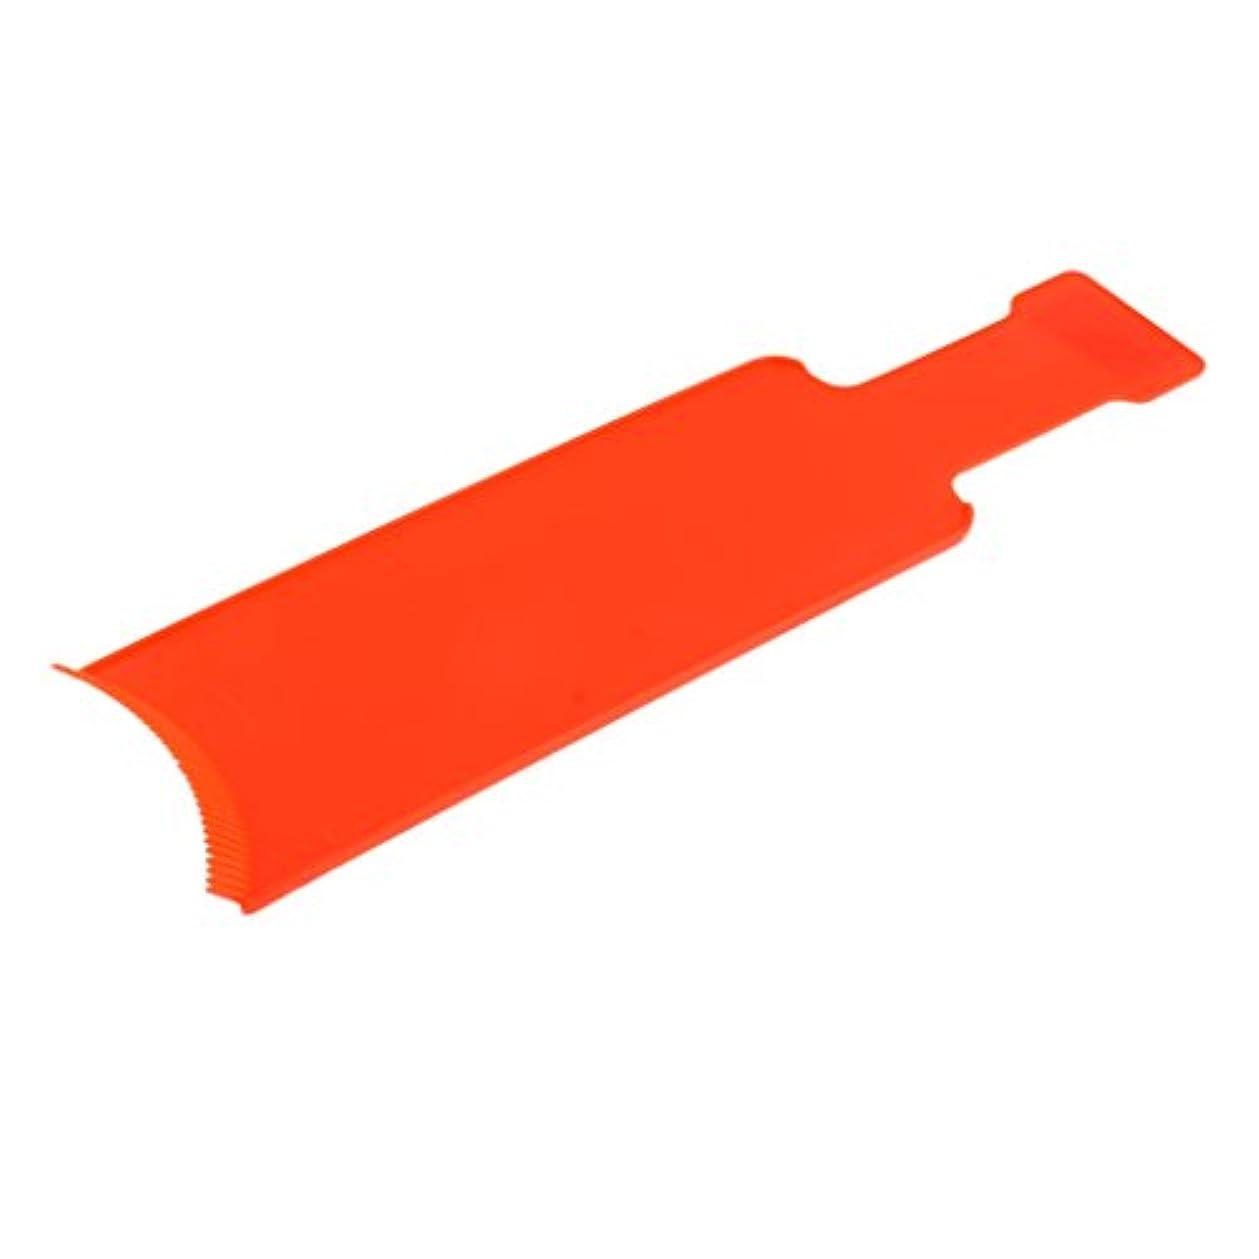 祖母仕立て屋最近Perfk 染色櫛プレート 染めボード ヘアカラー 櫛 着色ボード ヘアブラシ セルフヘルプ プロ 家庭用 2サイズ2色選べる - L, オレンジ